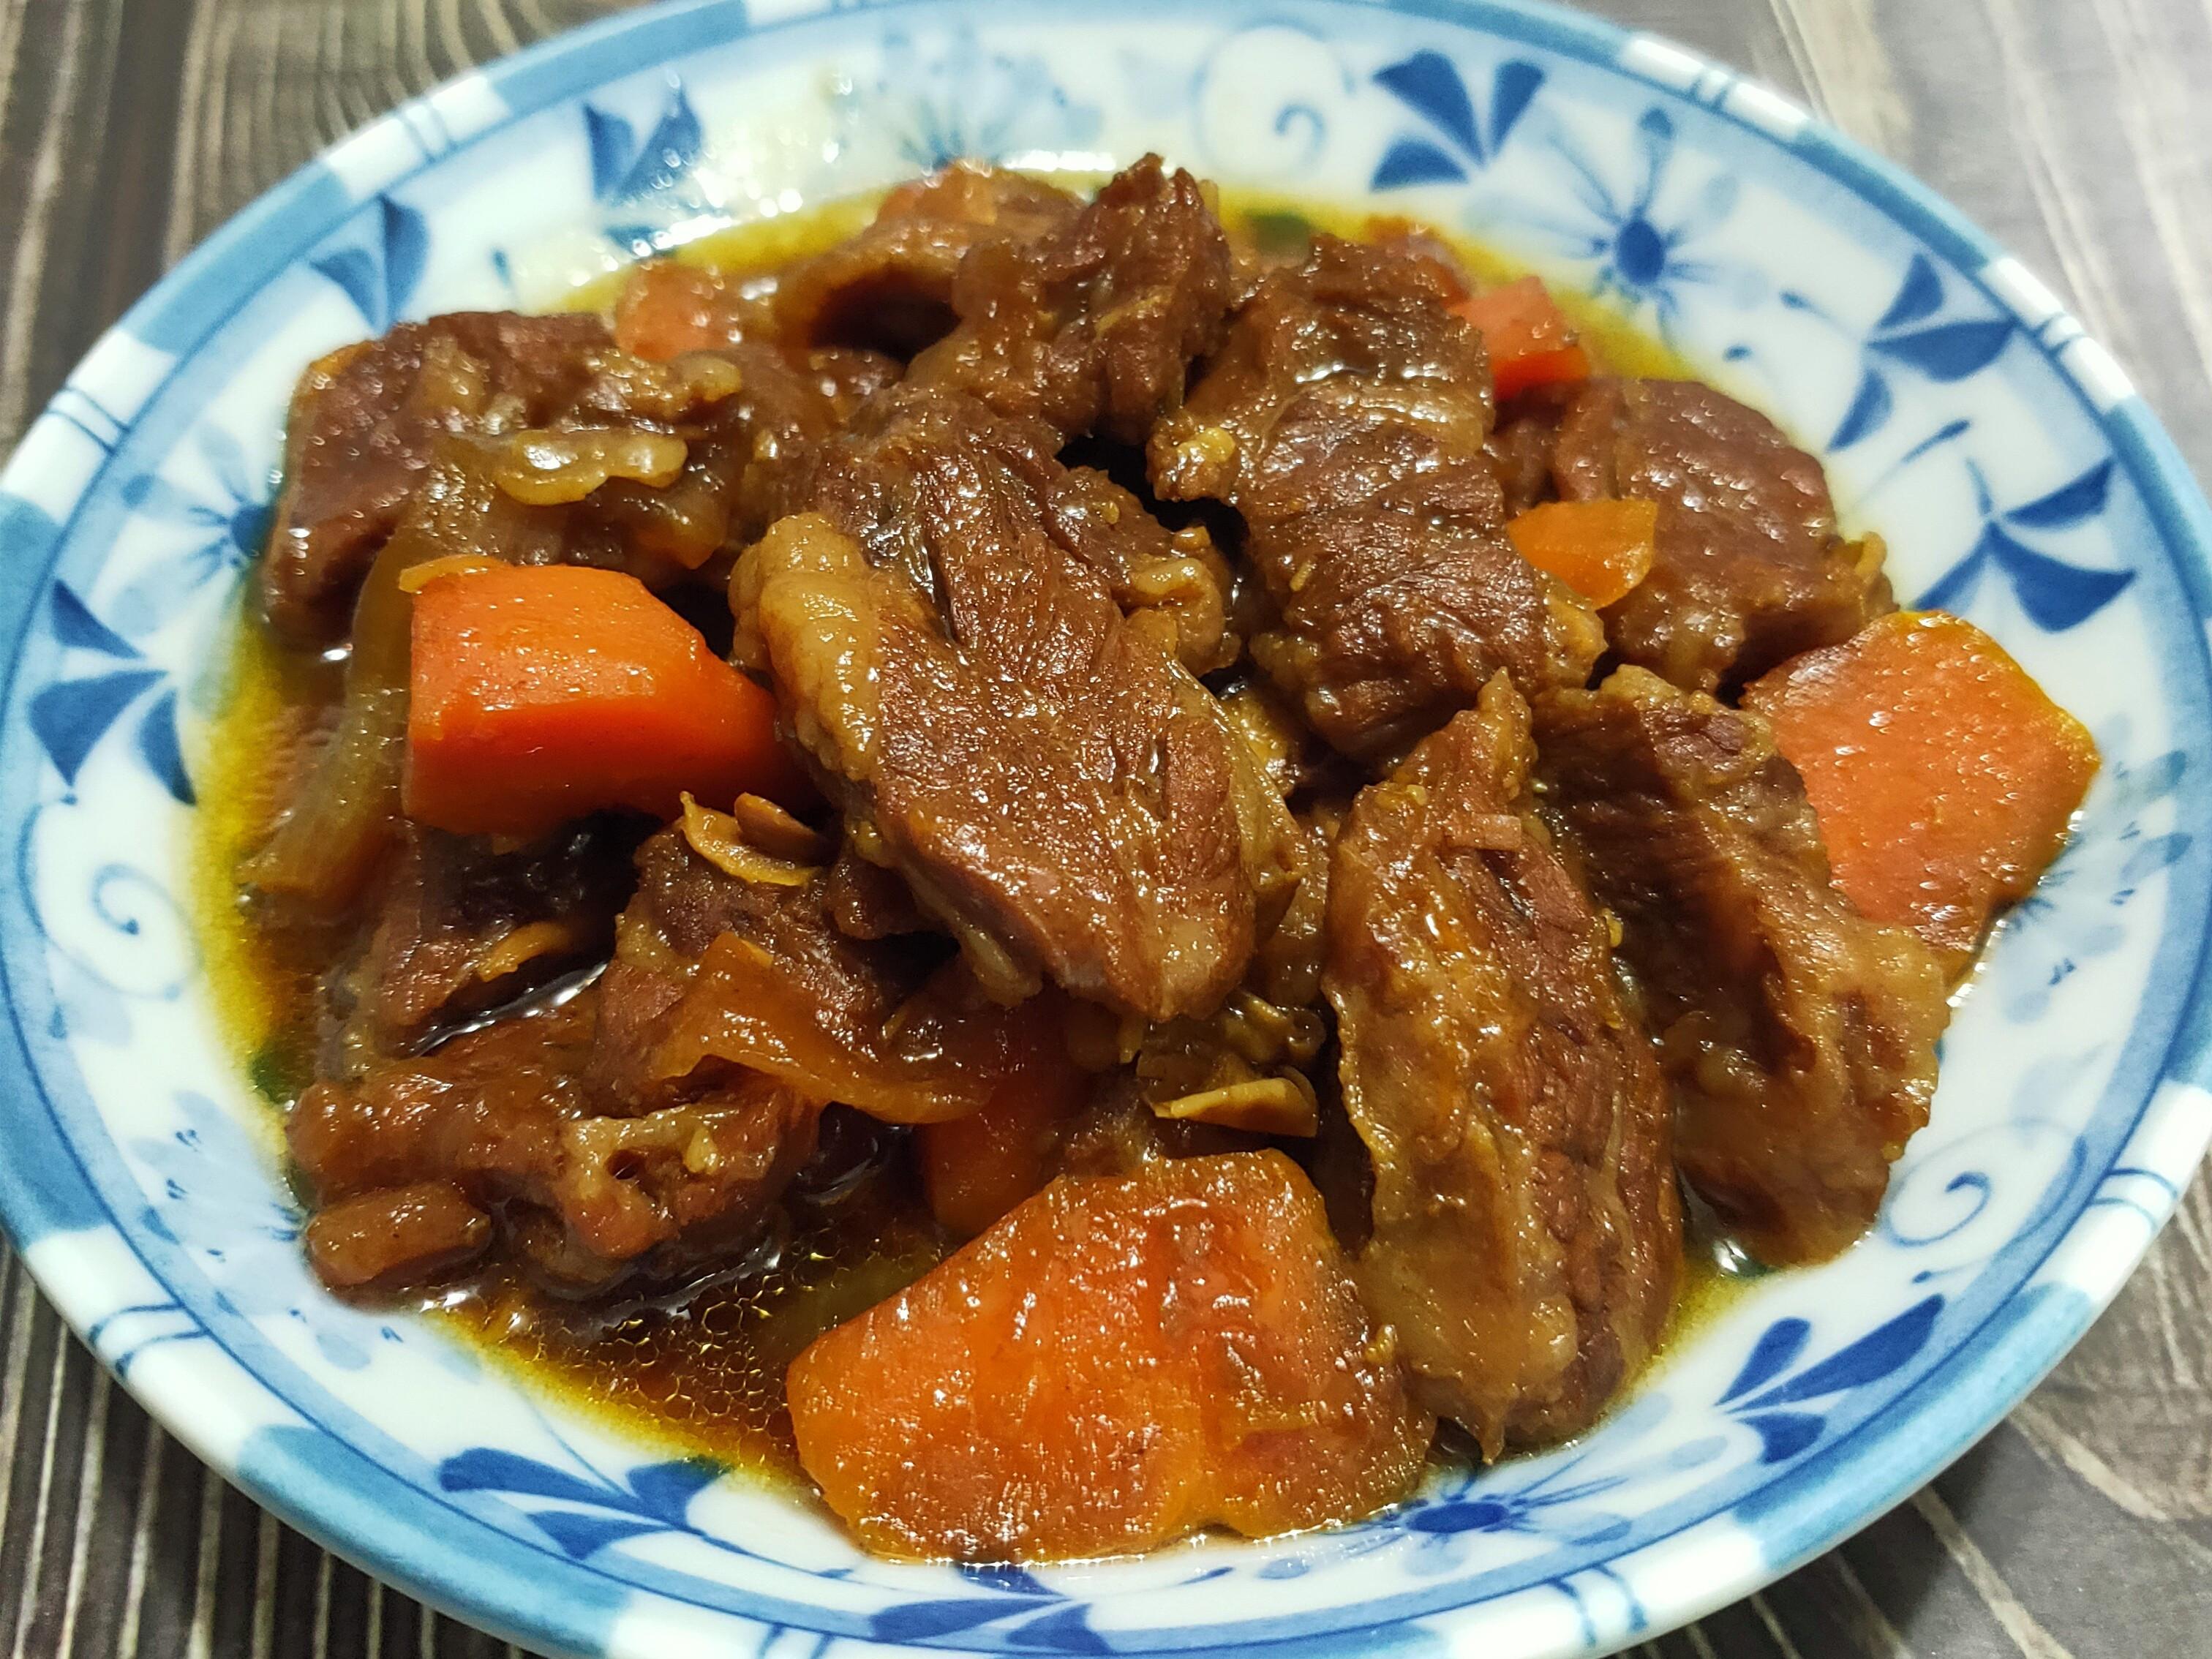 紅燒牛肉(鑄鐵鍋版)